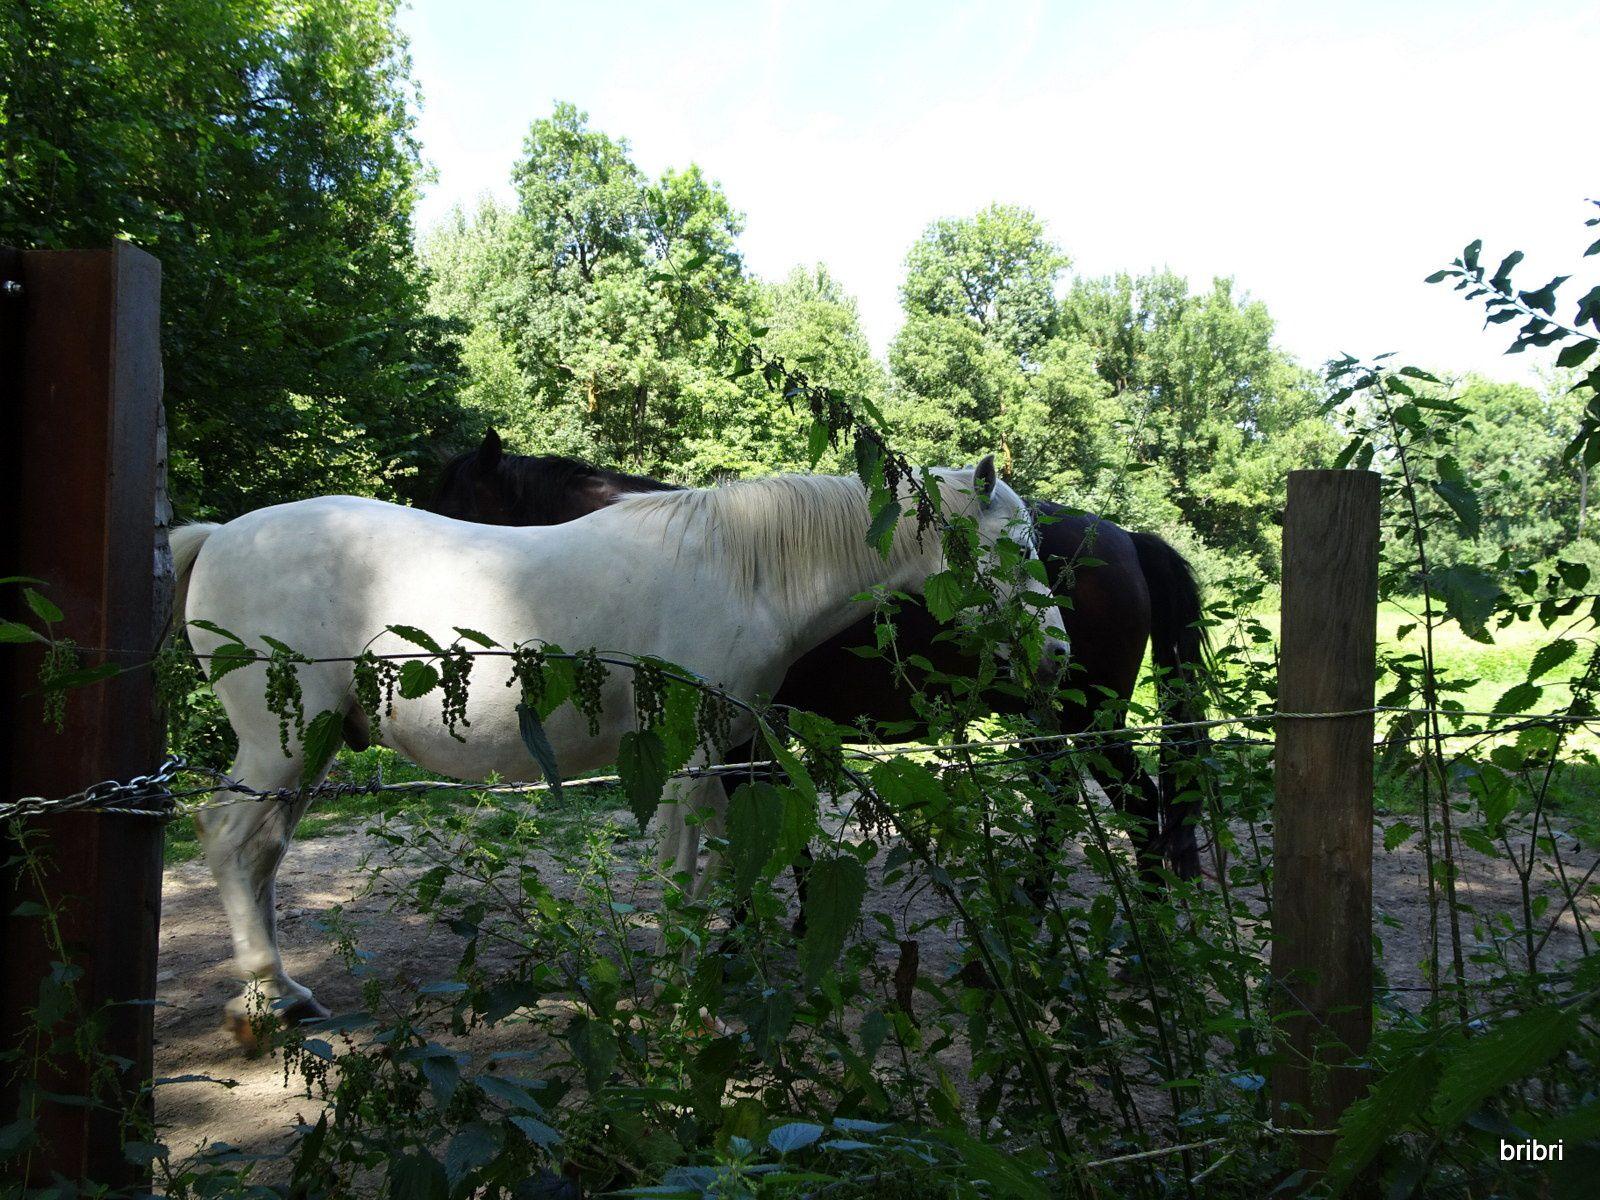 Petite côtelette de la rando, les vaches et chevaux cherchent l'ombre comme nous.